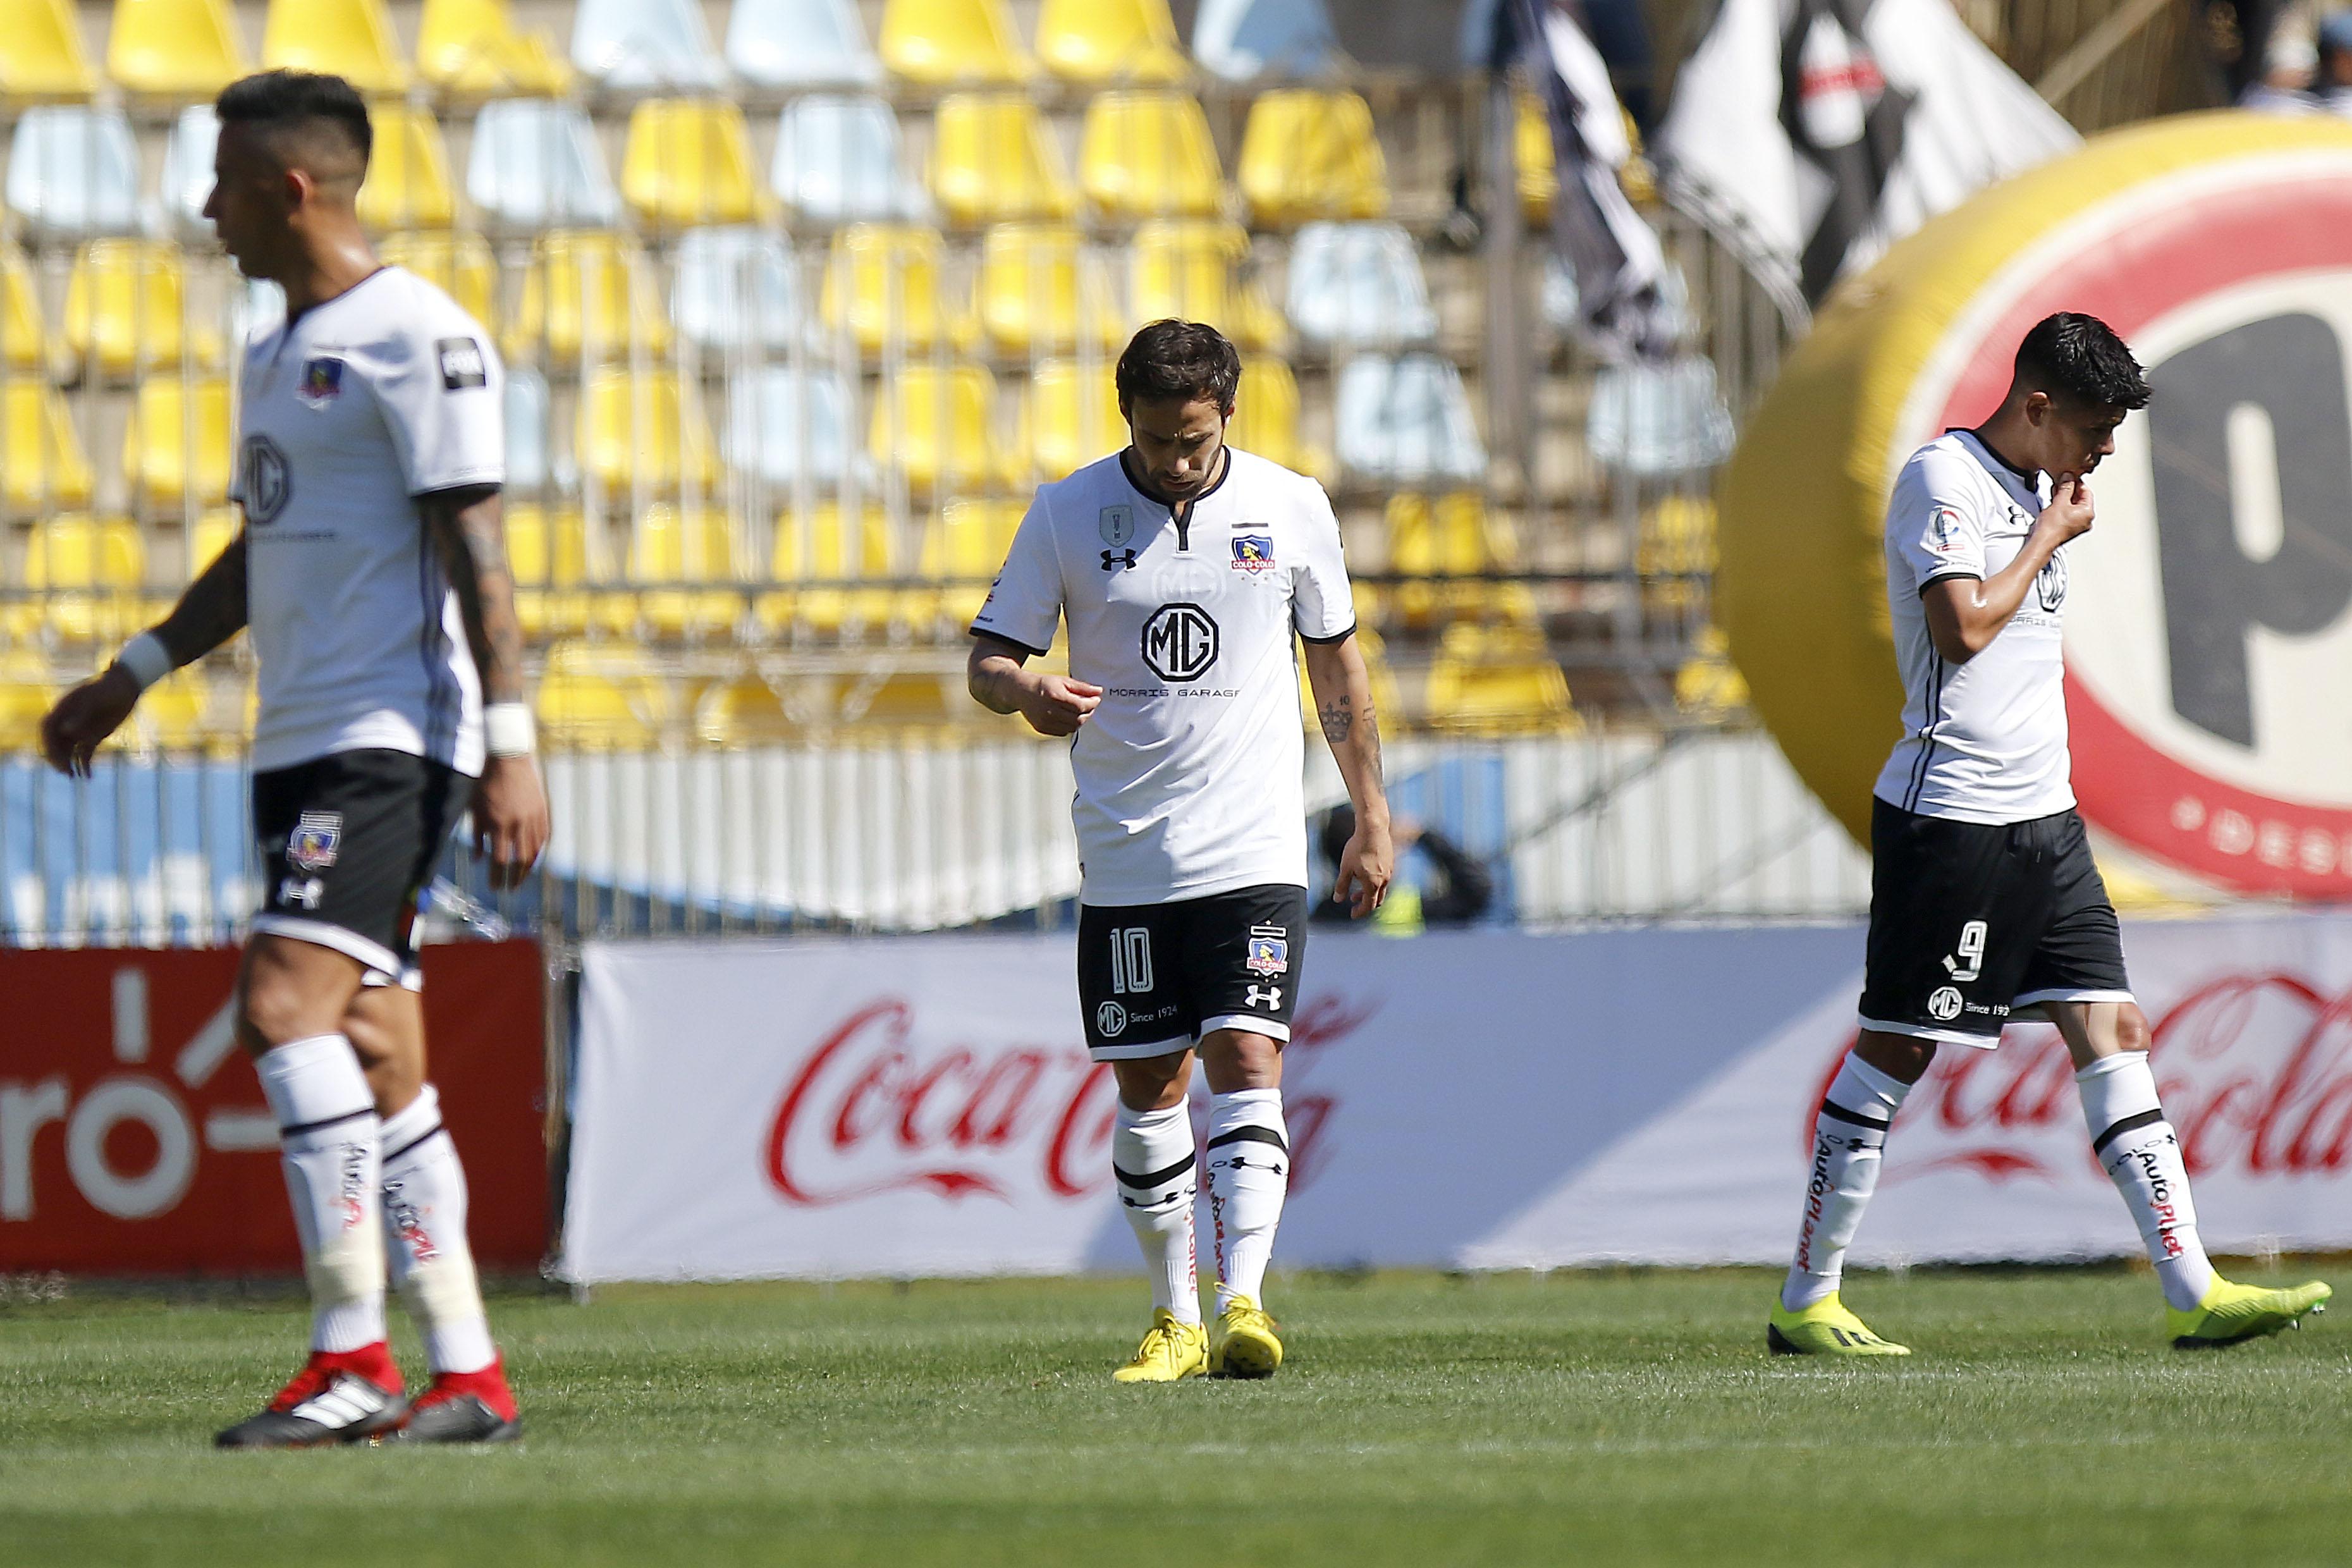 FOTOS  Colo Colo sale a dar explicaciones por la inmundicia que jugadores dejaron en el camarín de Everton